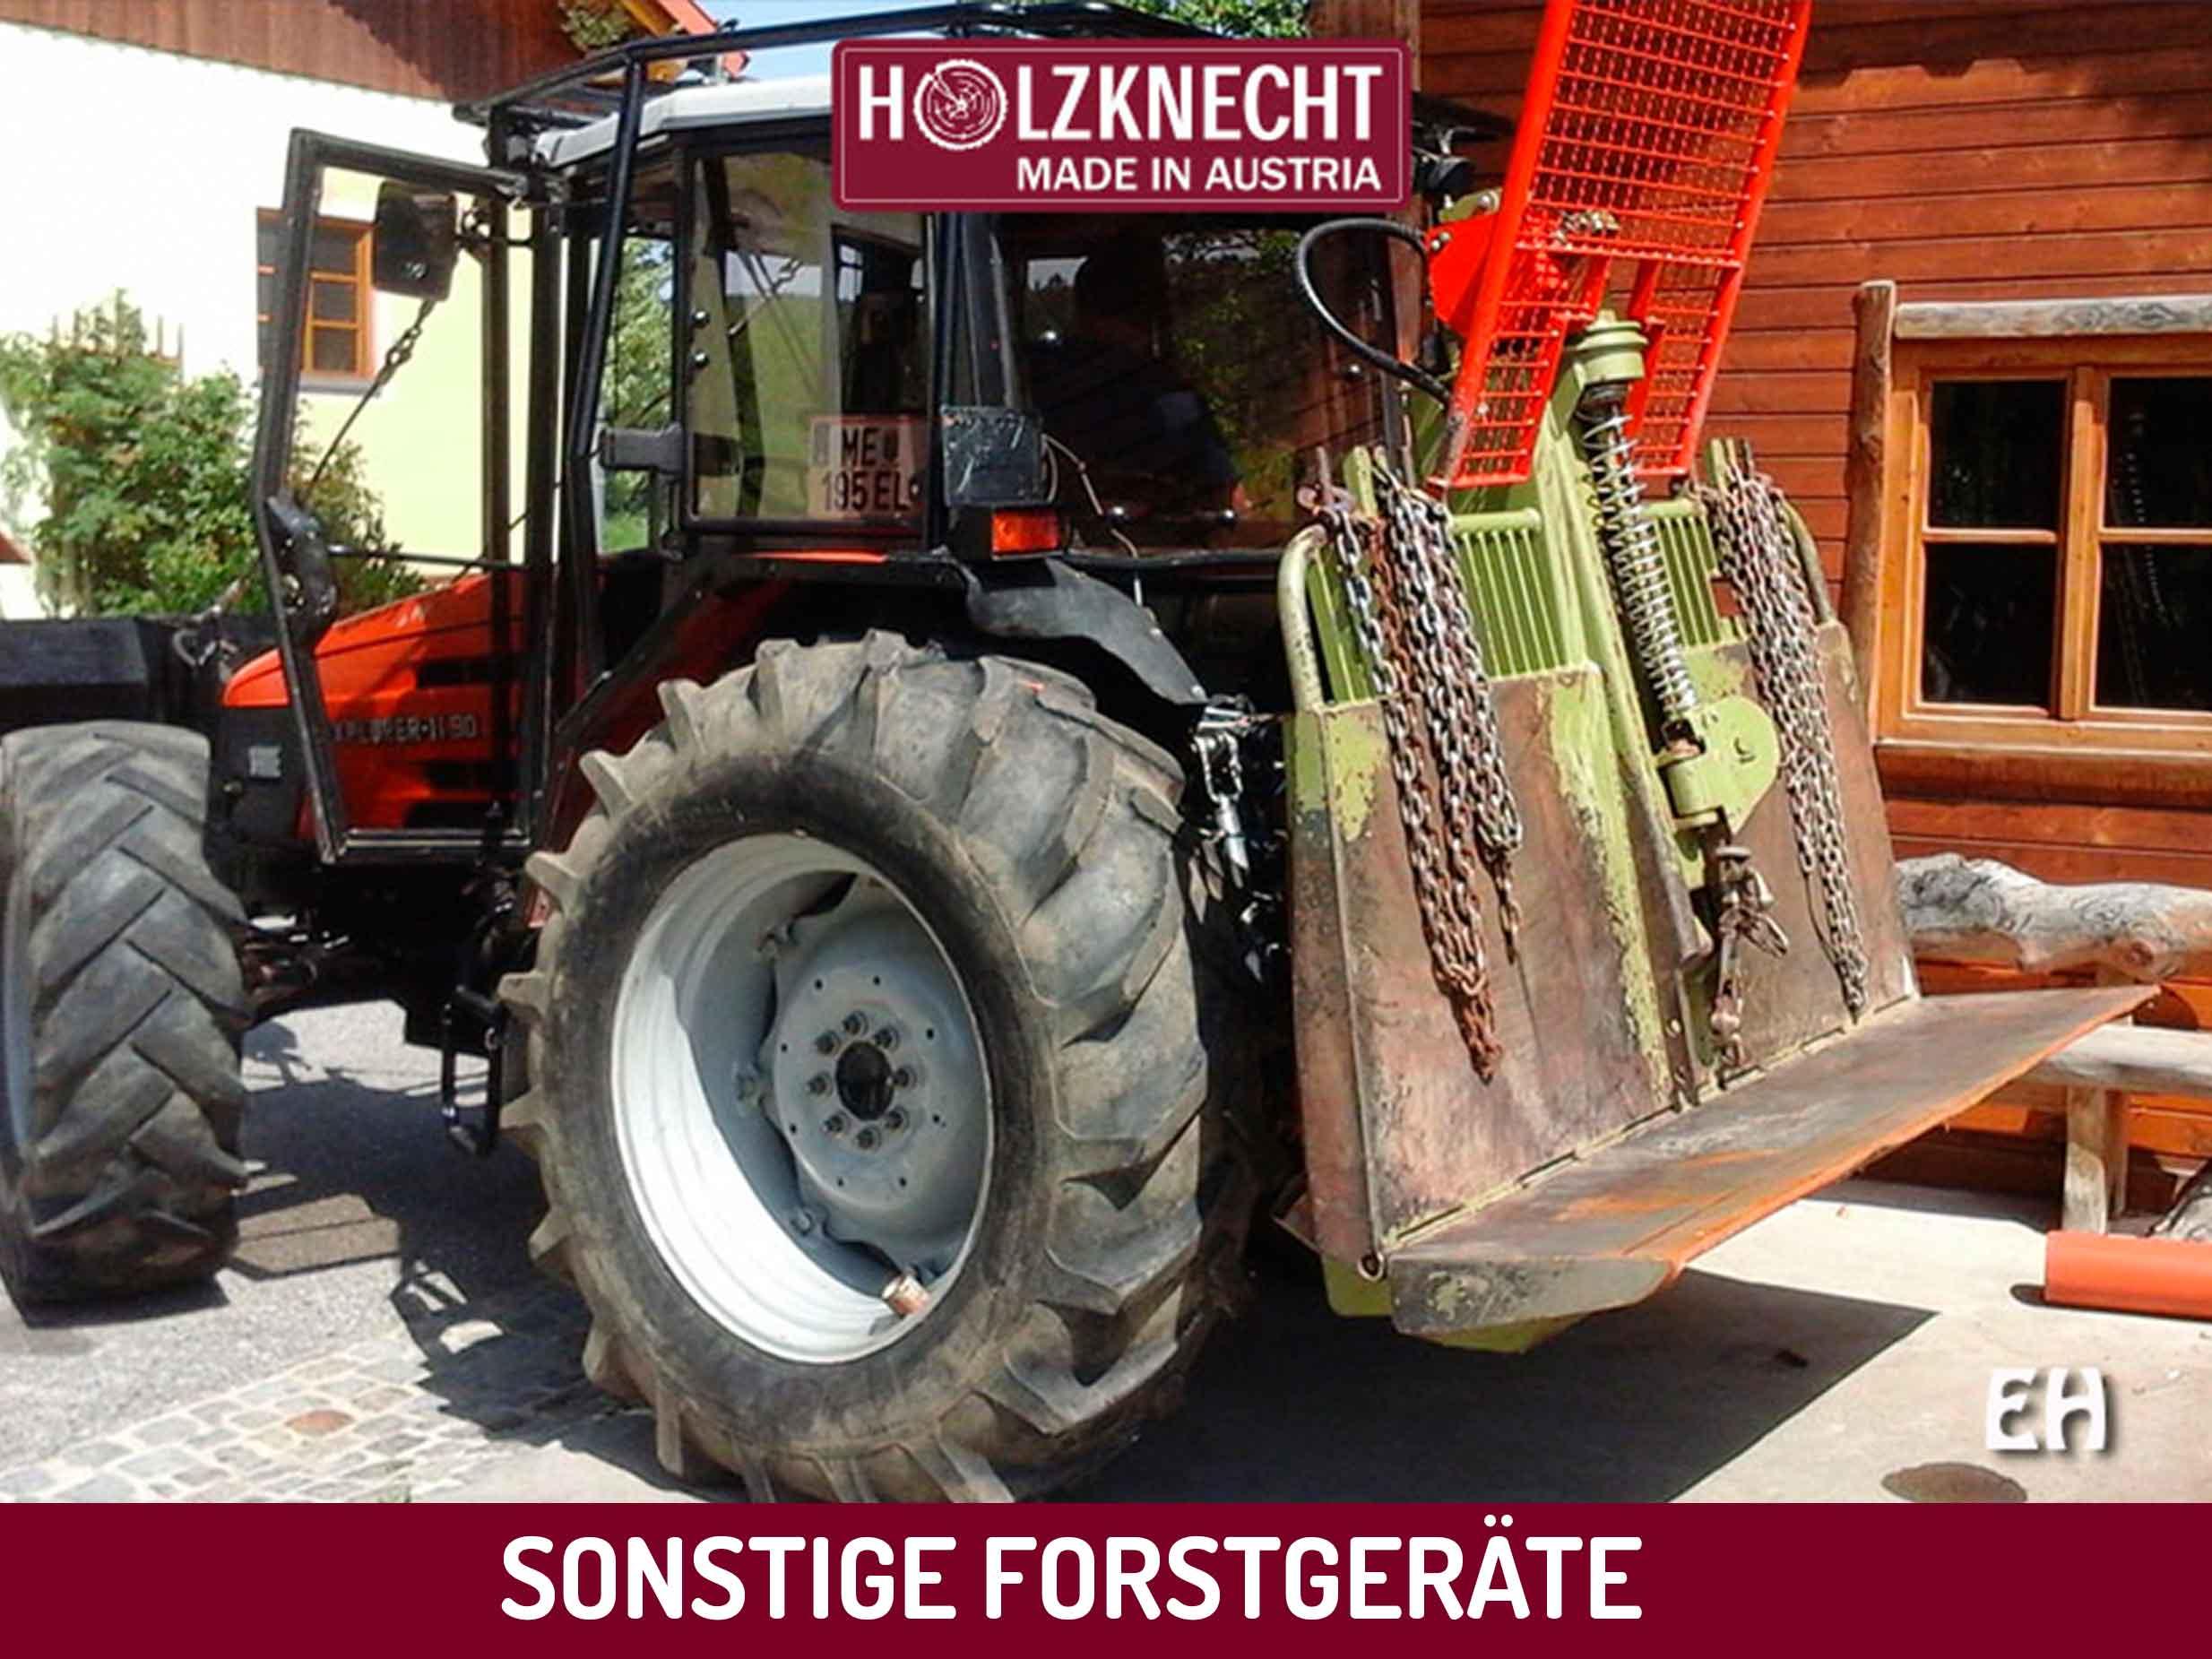 gebrauchte forstseilwinde holzanh nger holzknecht forstseilwinden made in austria. Black Bedroom Furniture Sets. Home Design Ideas